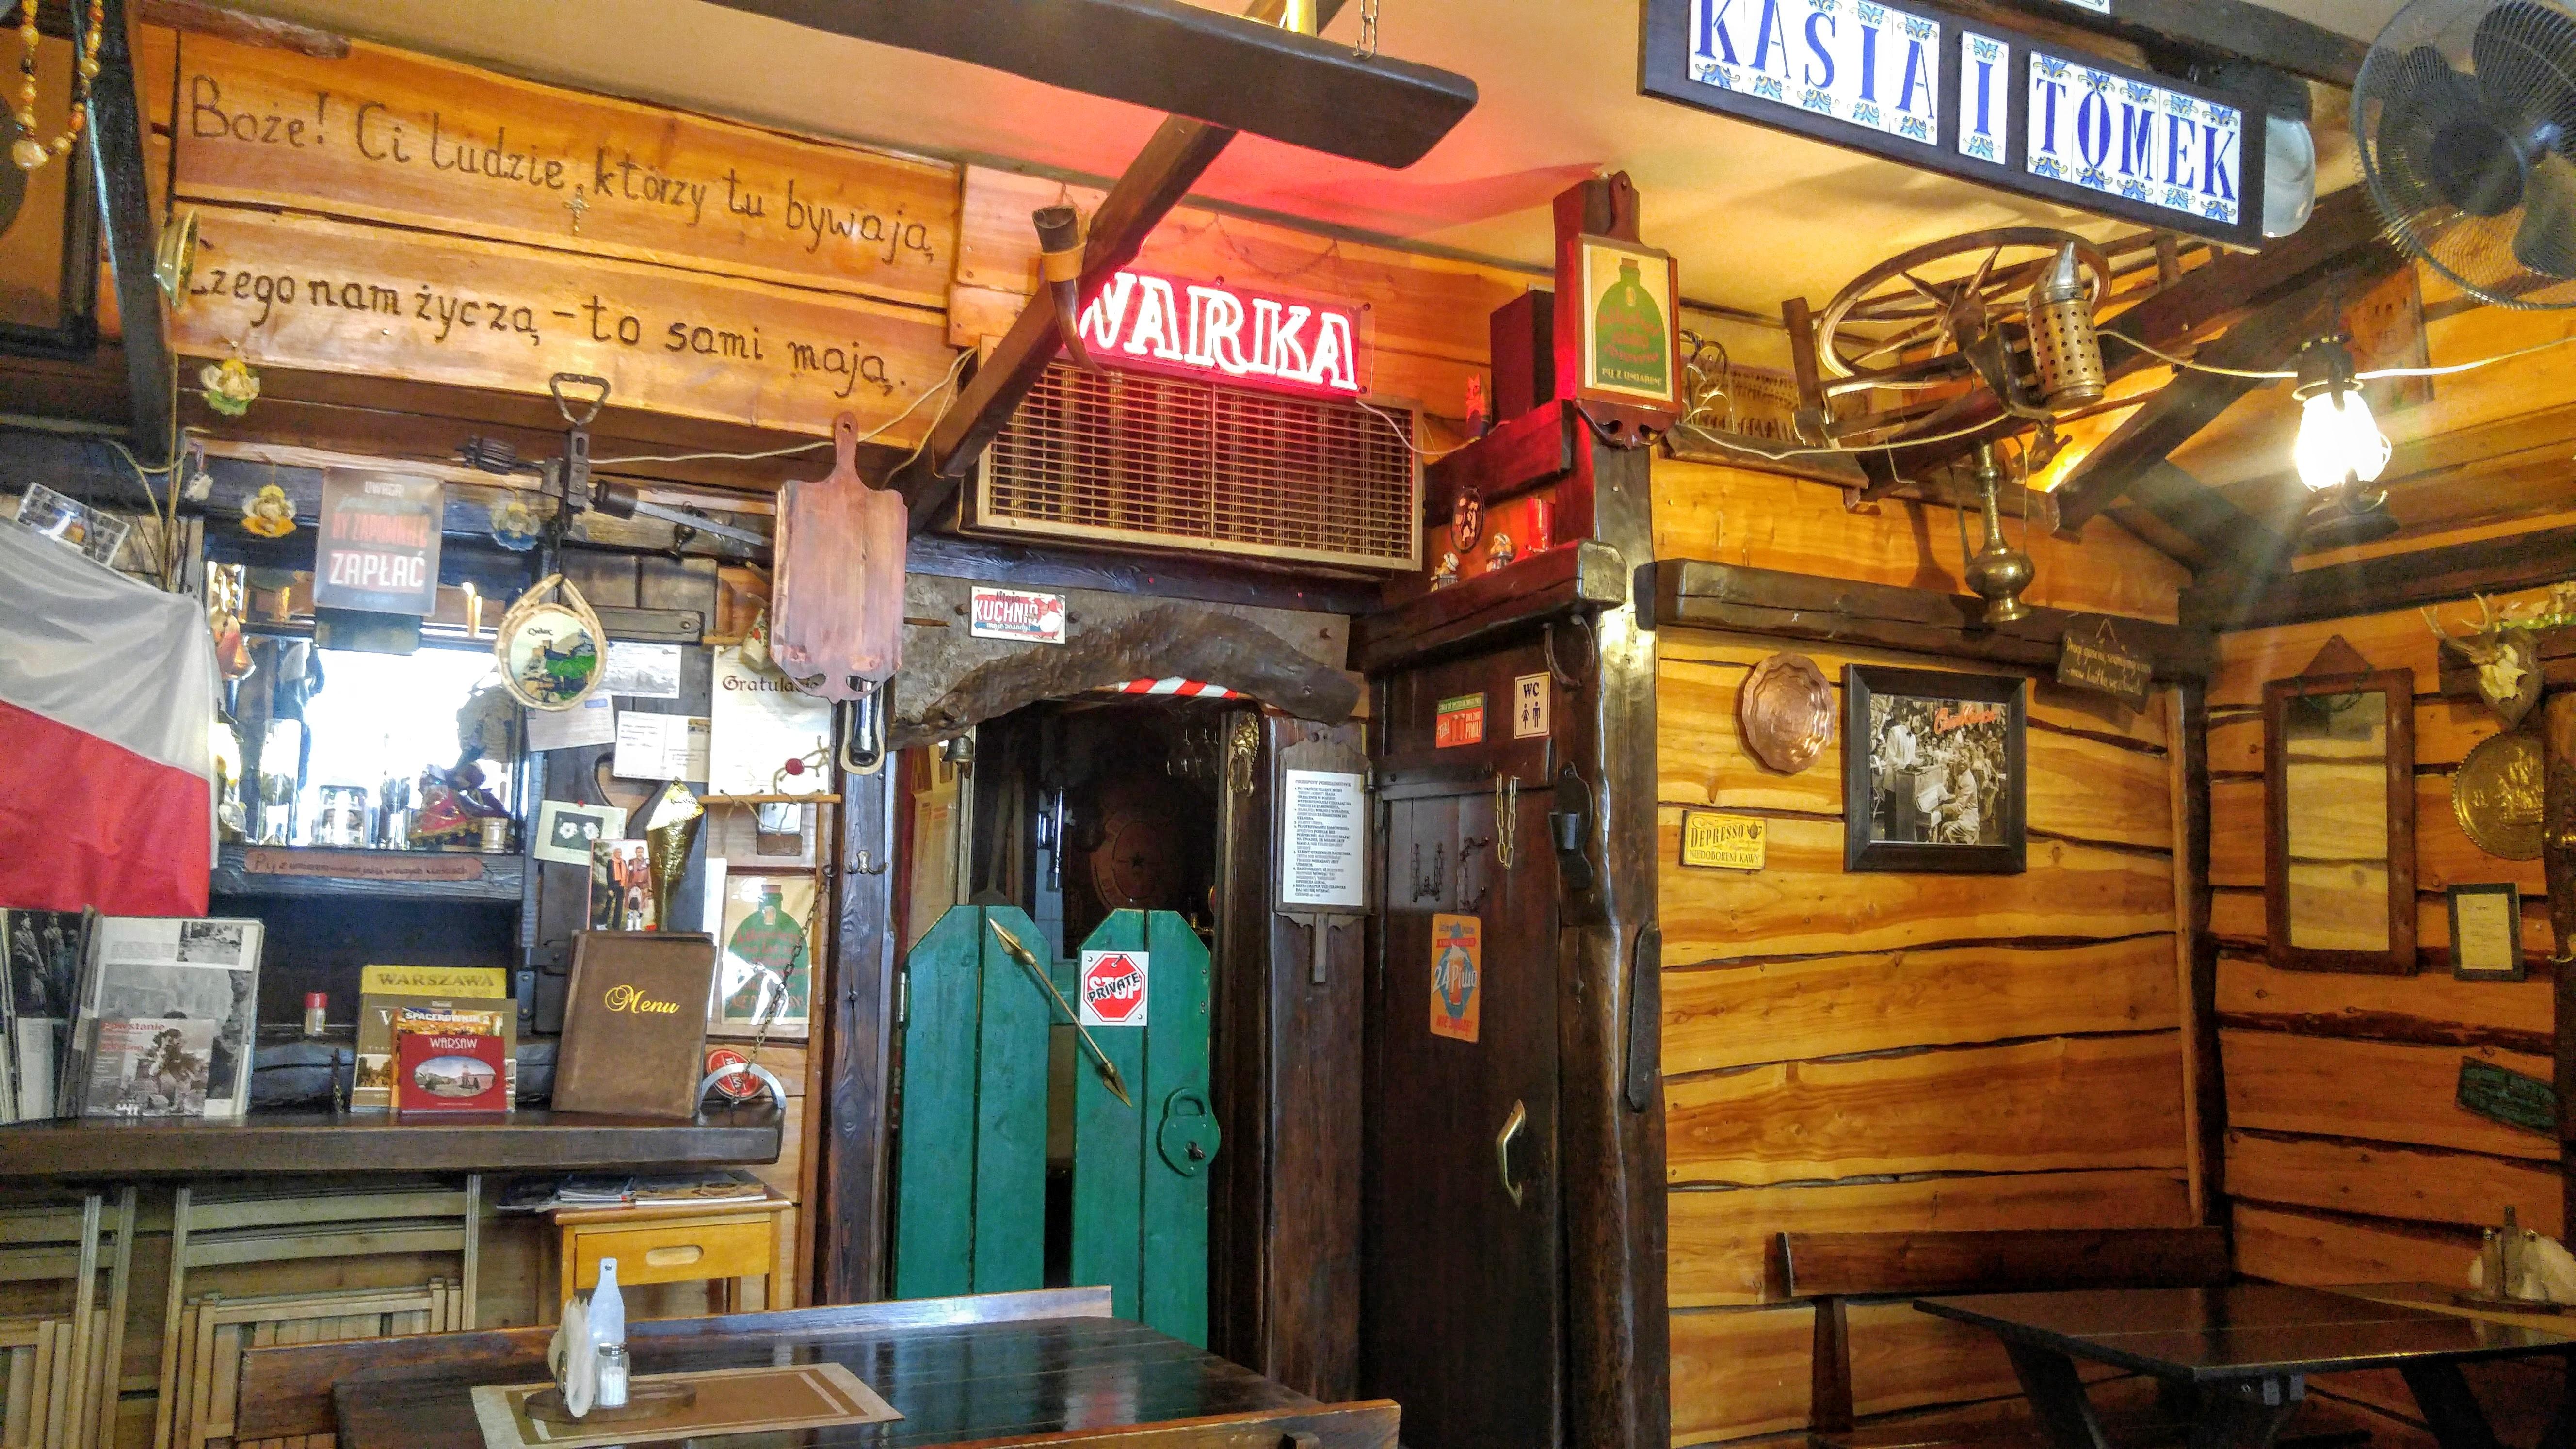 Ресторанчик Zascianek, как и большинство «семейных» заведений, карт не принимает